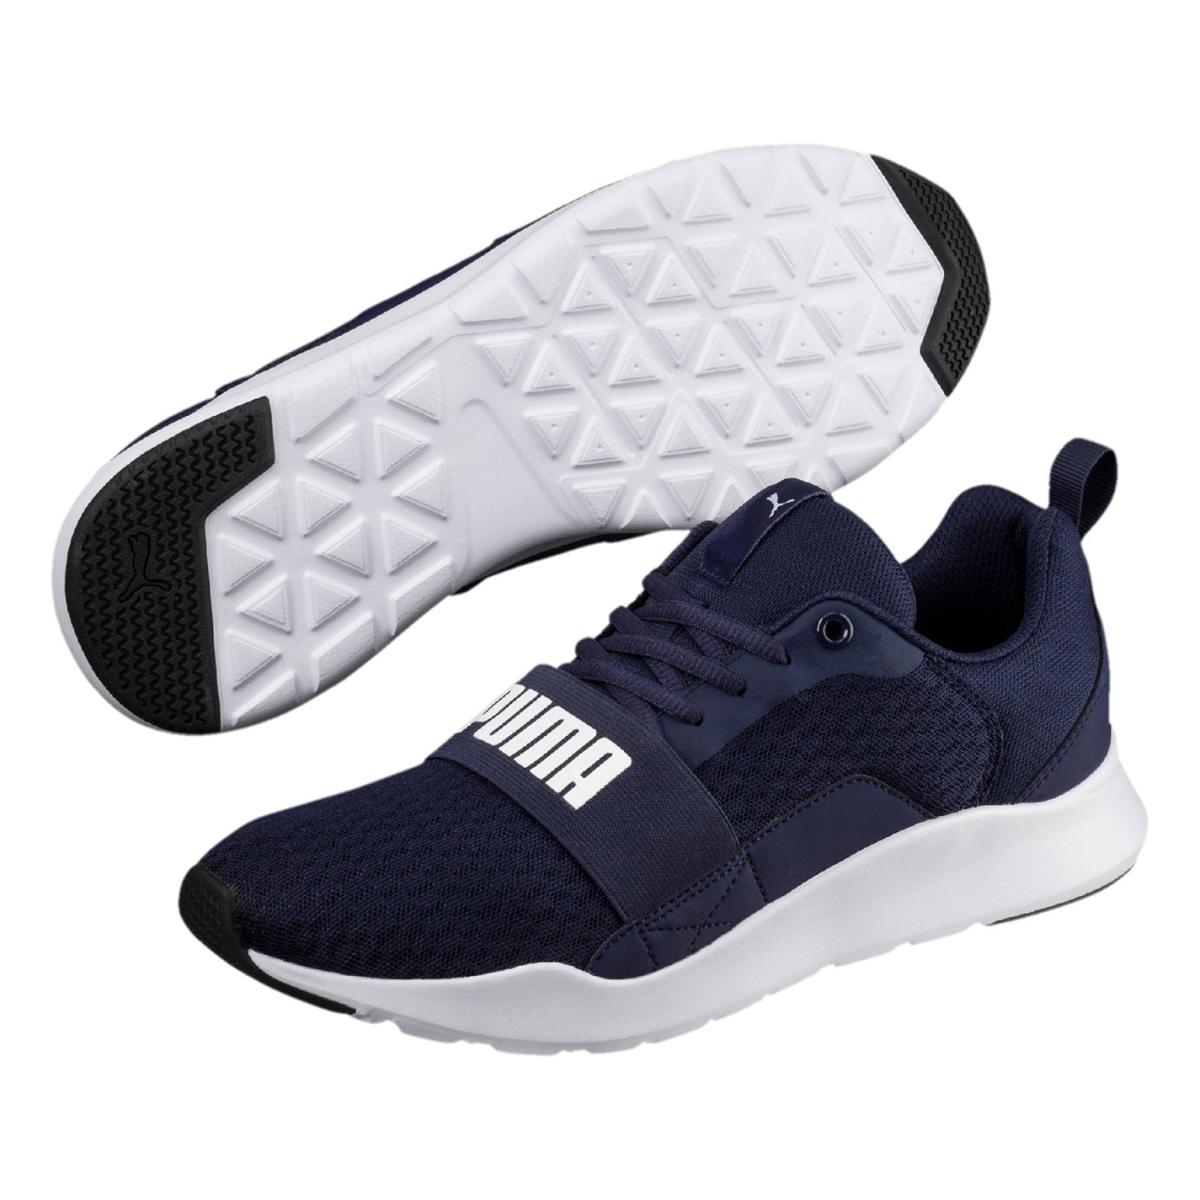 Puma-Wired-senores-zapatillas-de-deporte-zapatillas-para-correr-cortos-calzado-deportivo-fitness miniatura 15